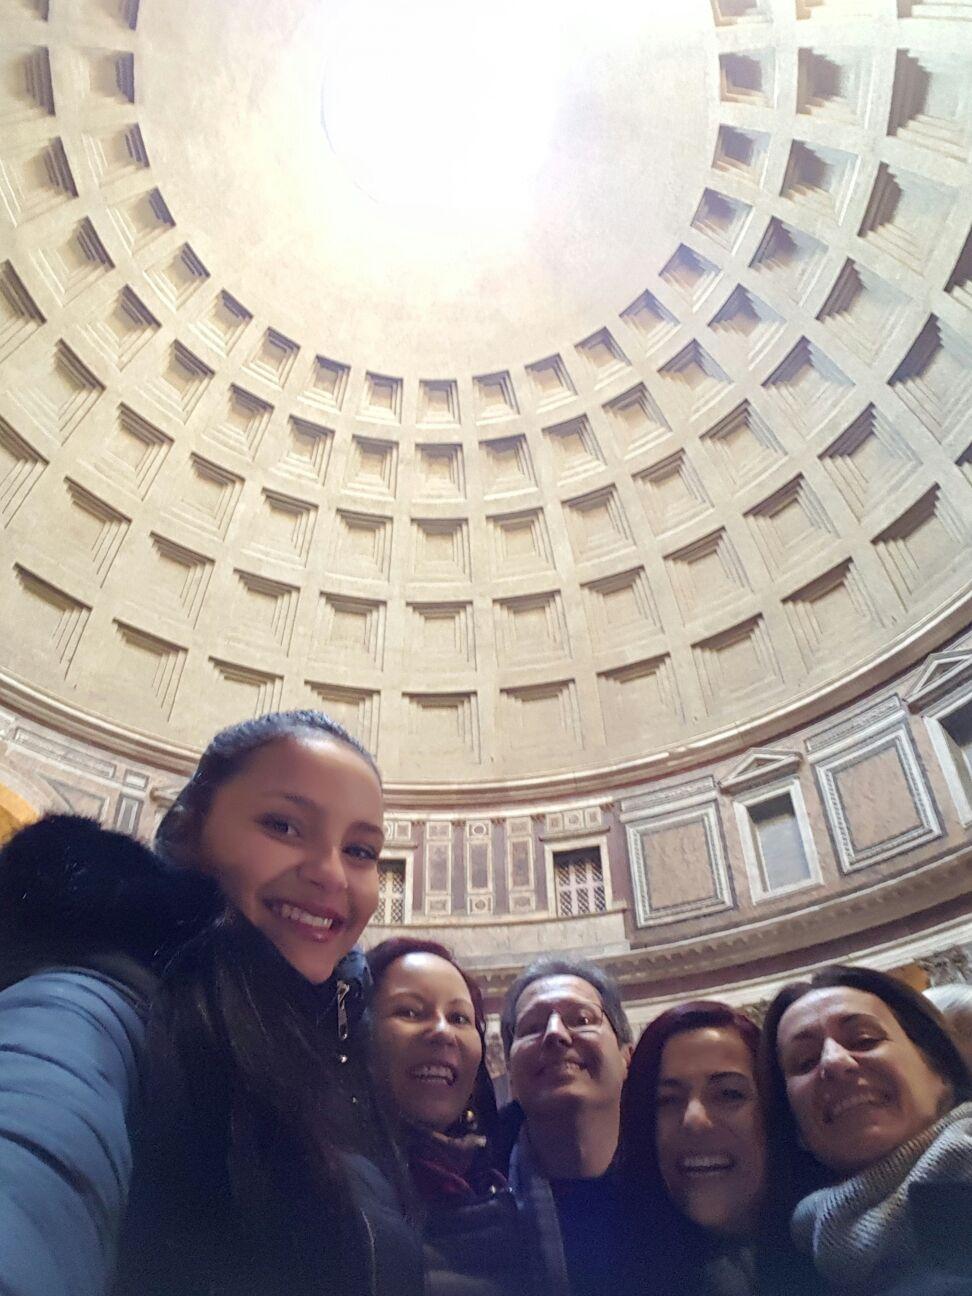 Passeio pracas fontes pantheon portugues - Visita guiada em Roma: centro-histórico museal!